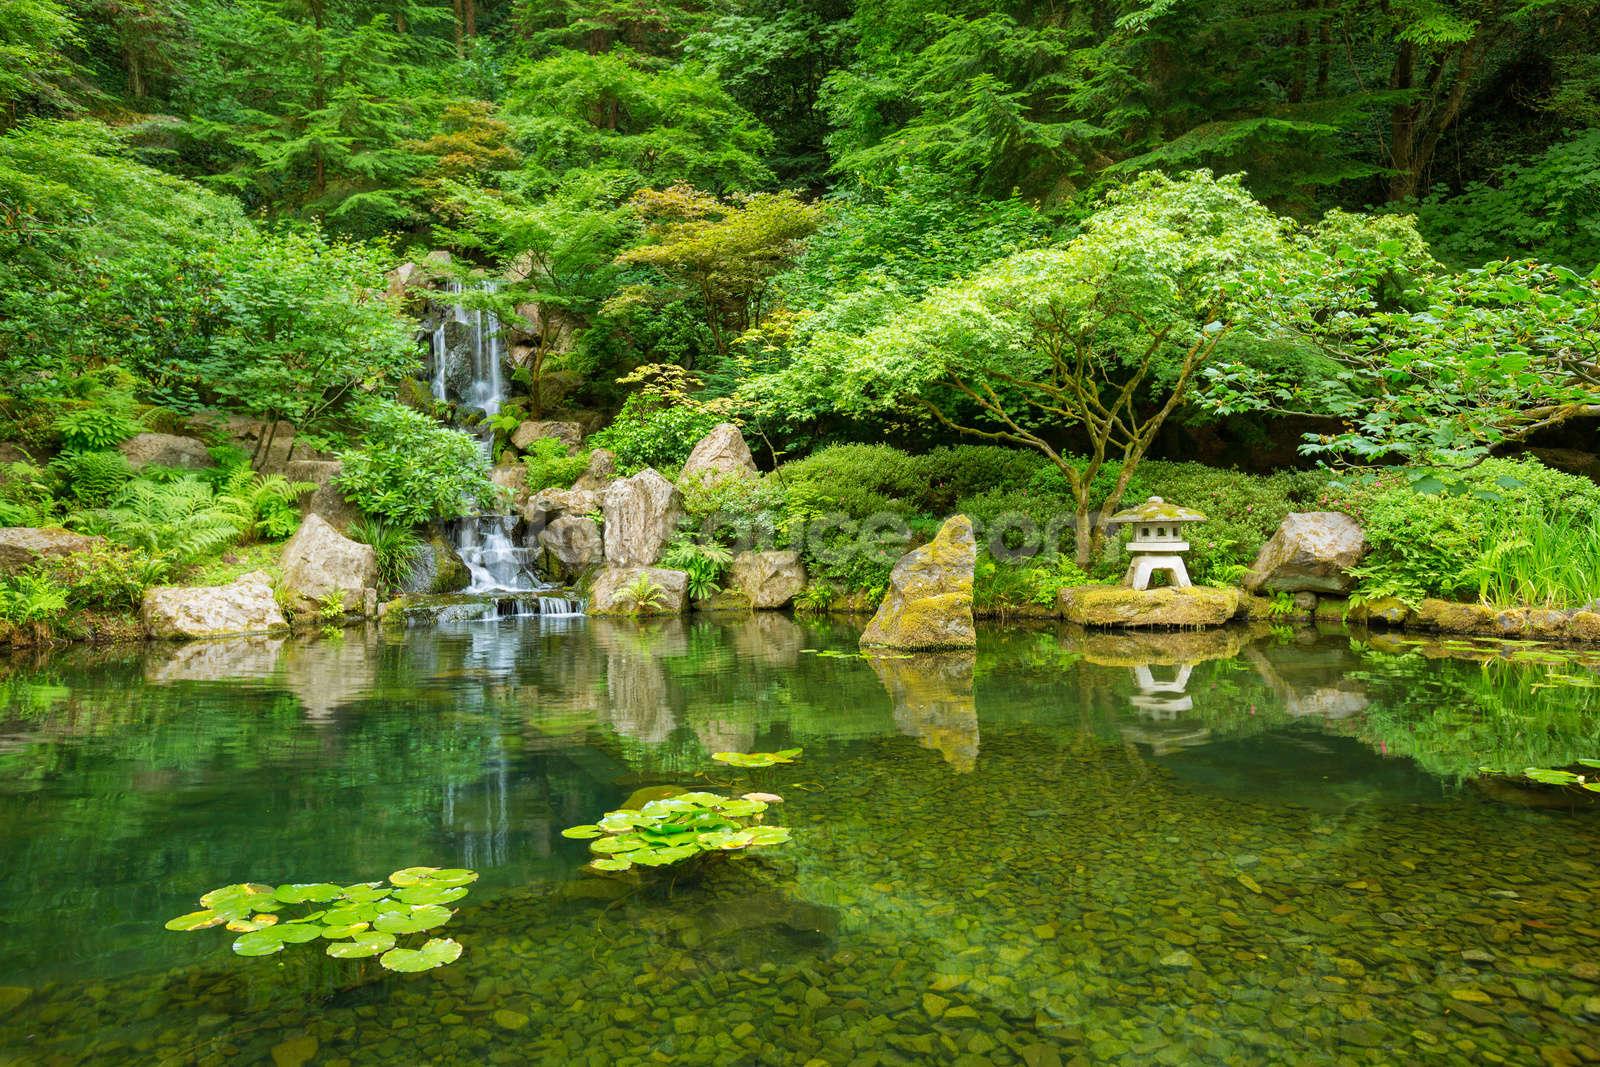 Beautiful Japanese Garden Mural Wallpaper